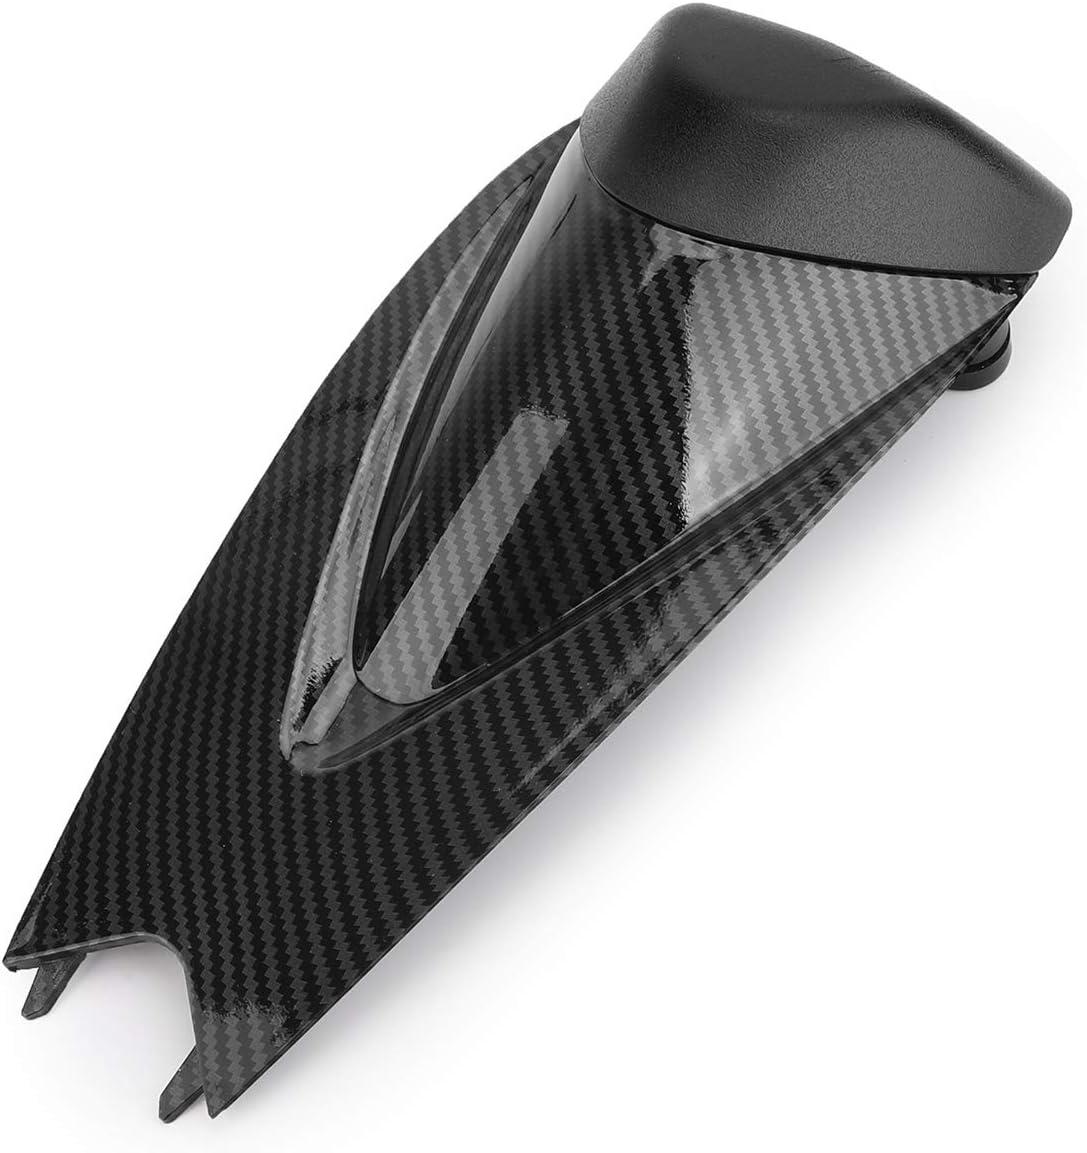 Artudatech Coprisedile posteriore per moto per Aprilia RSV4 R 1000 APRC 2009-2016